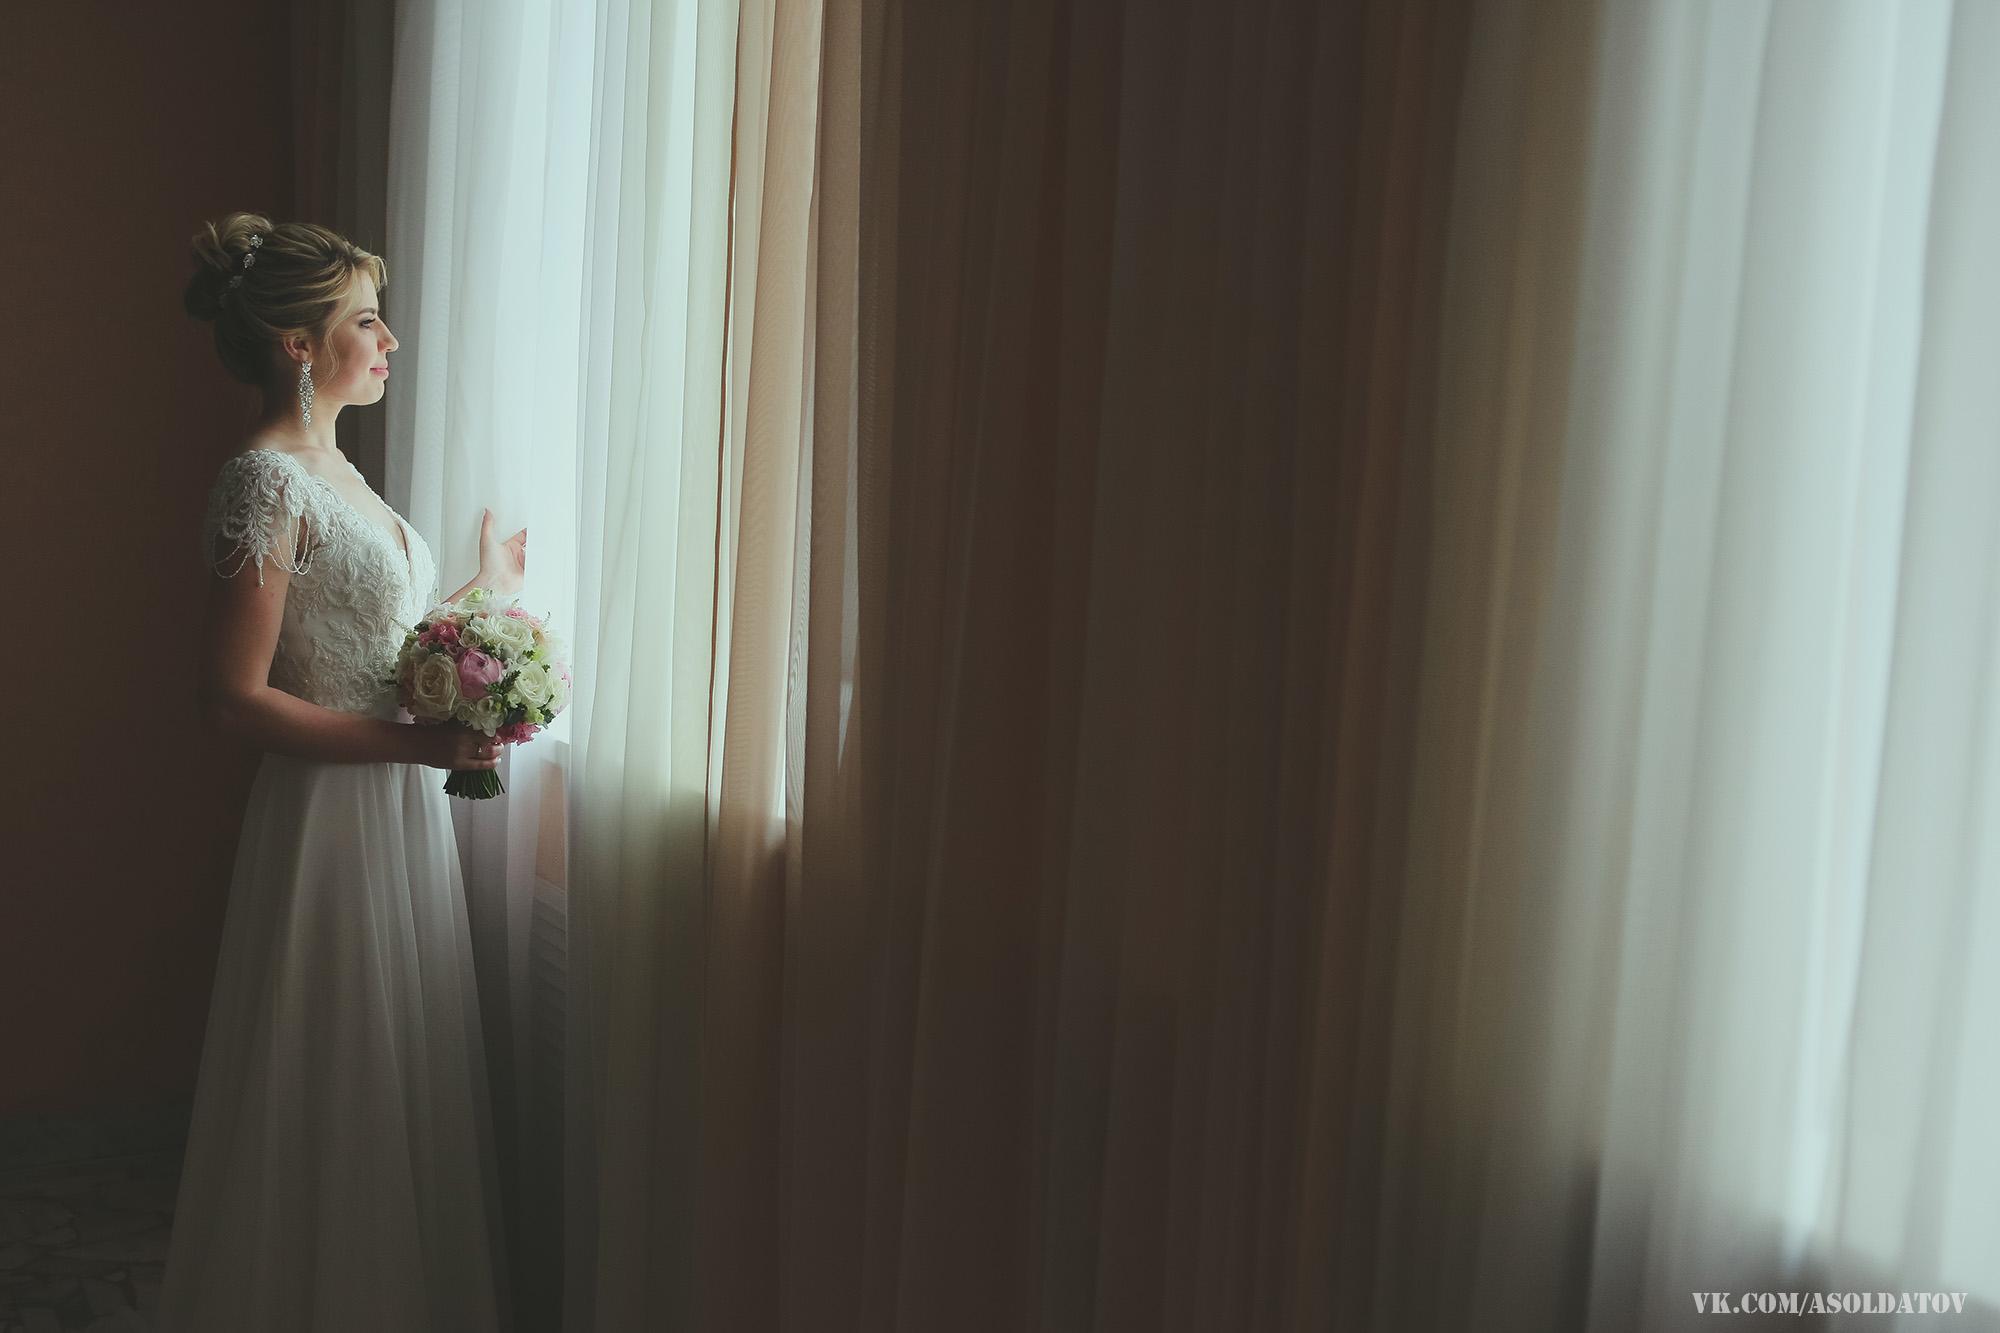 Свадебные фотографии из Дворца бракосочетания. Пенза.